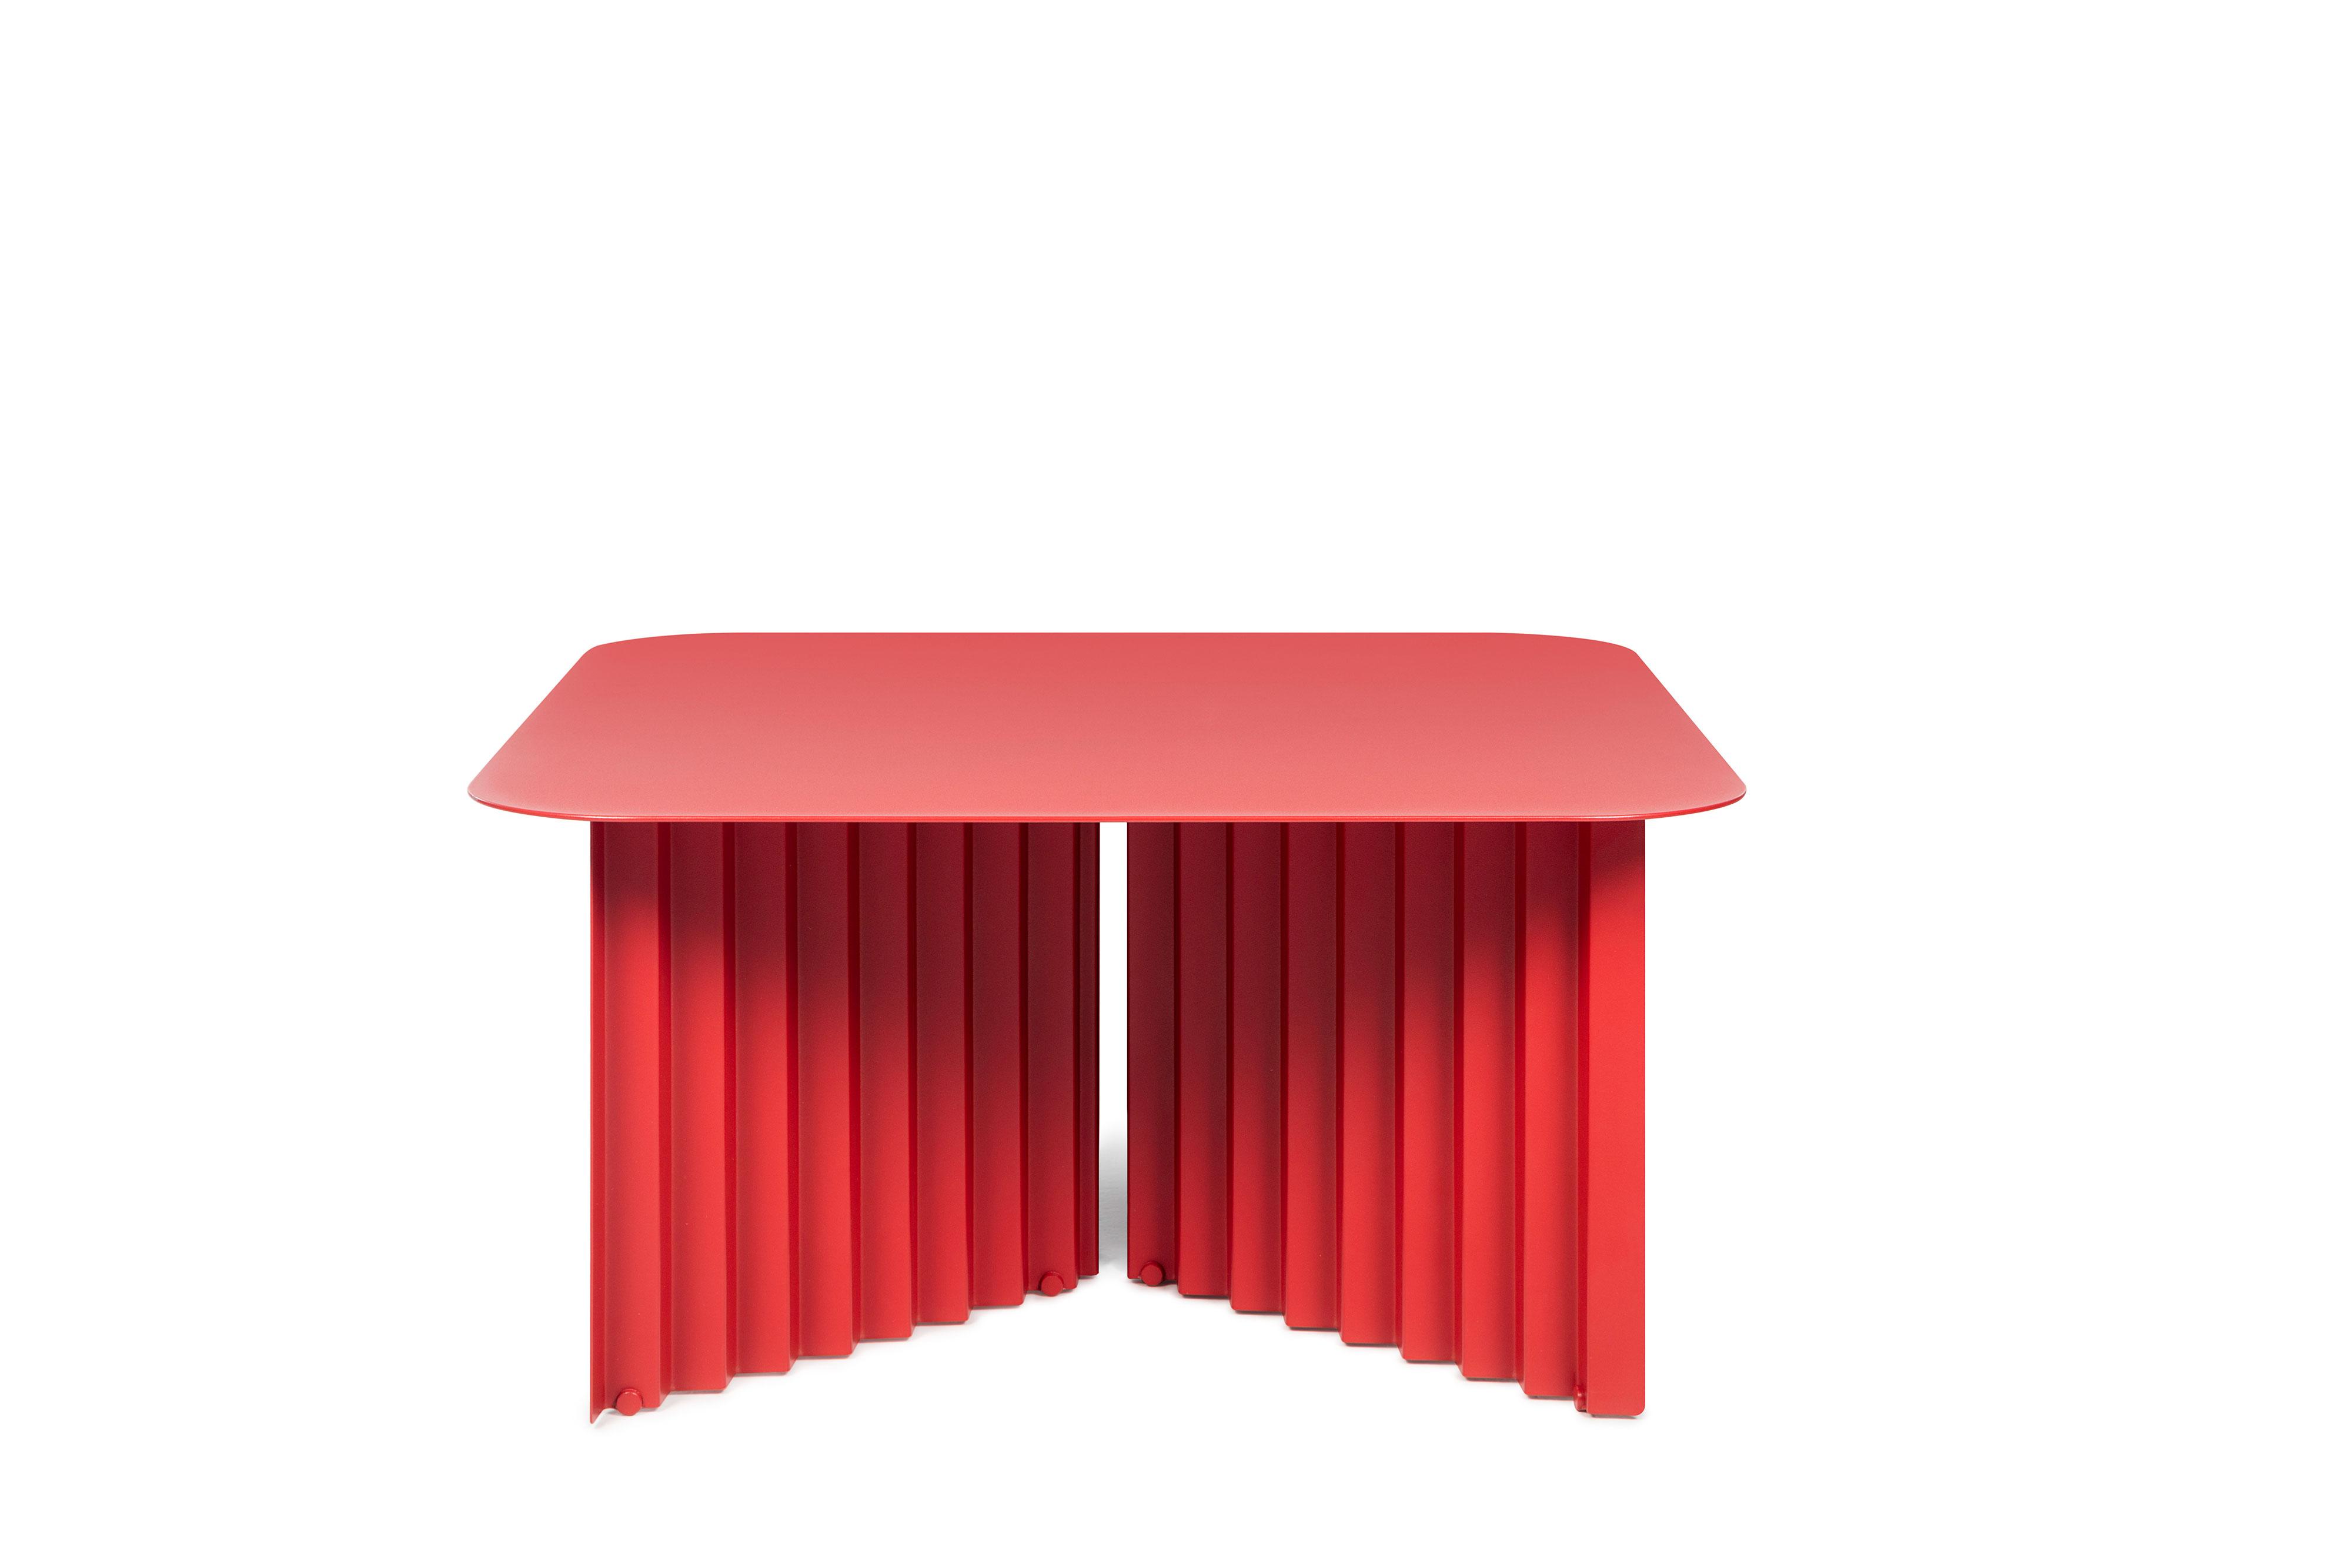 """Beistelltisch """"Das Mittelstück"""" - Design PLEC MEDIUM von RS Barcelona"""